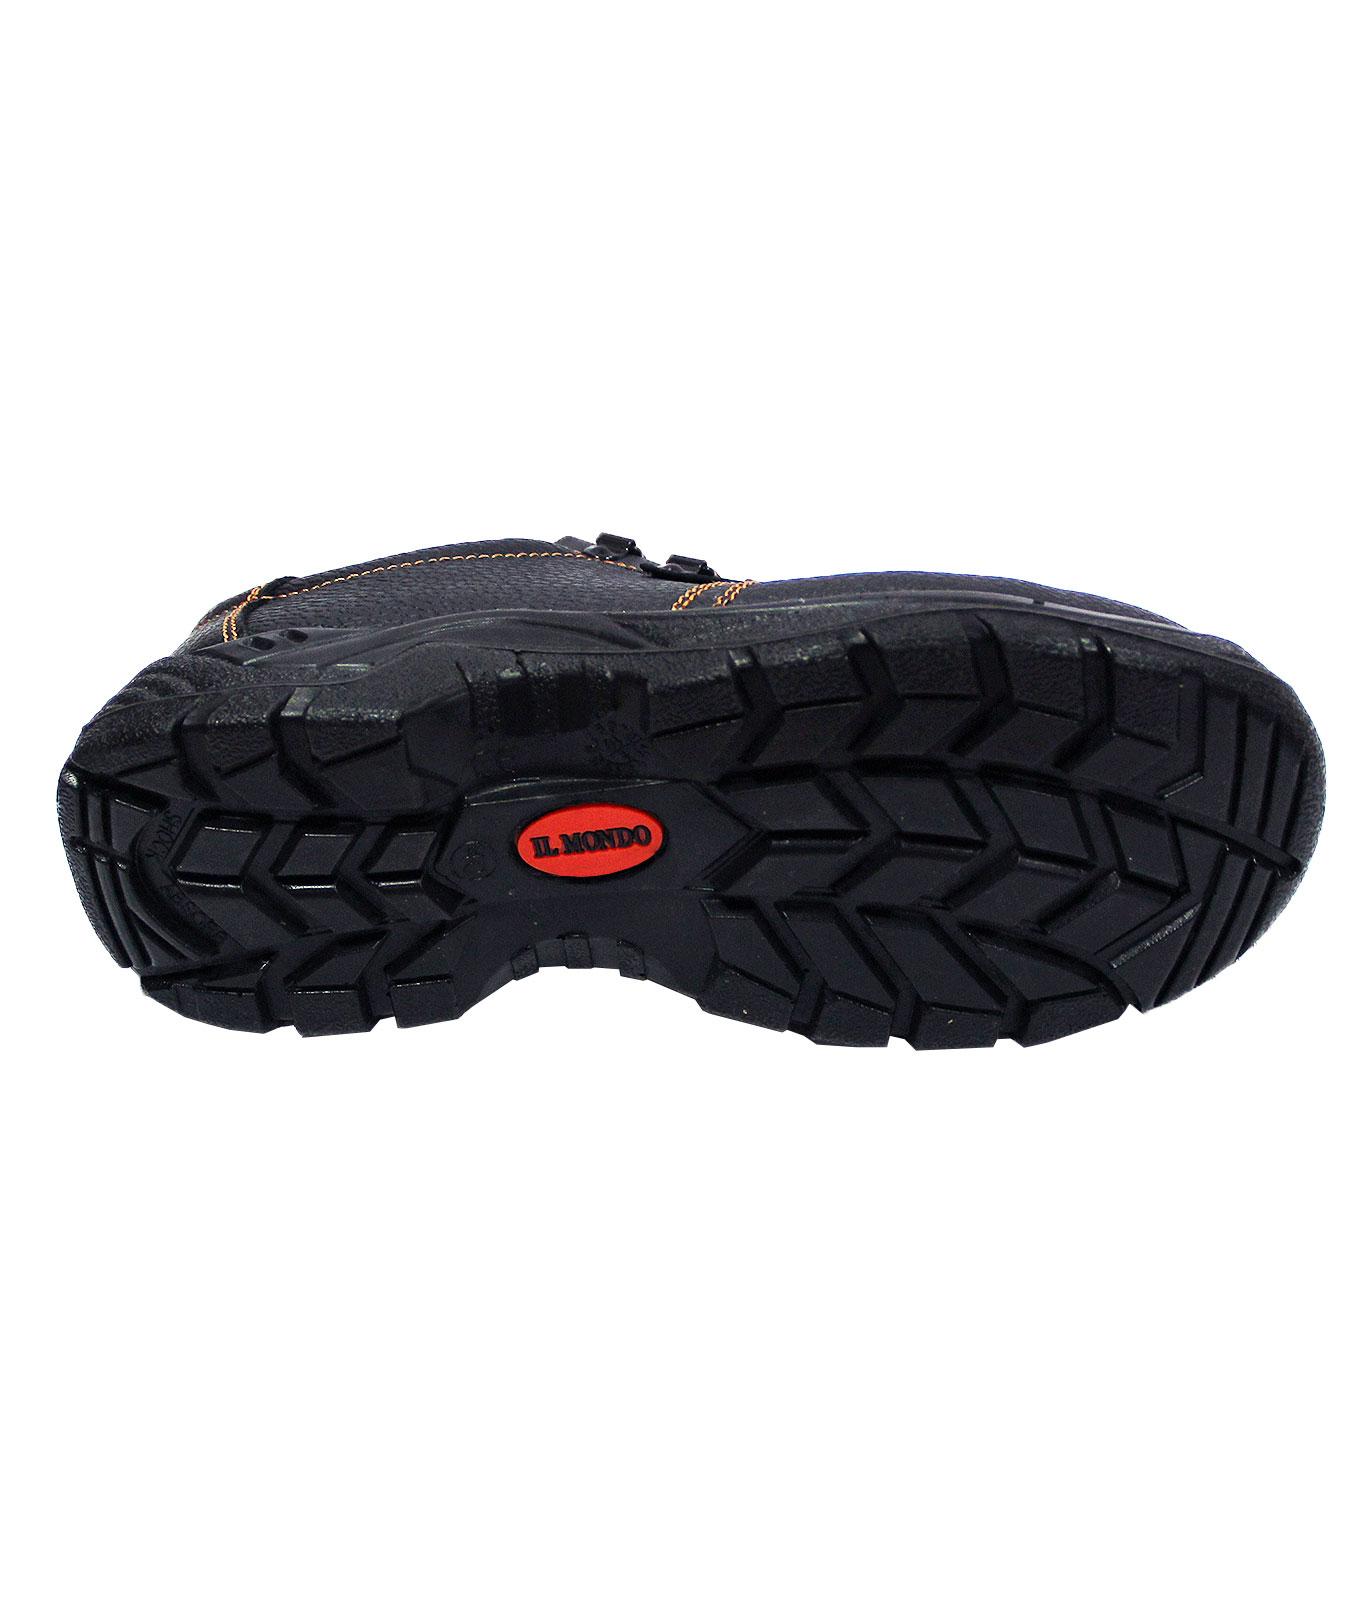 5-7 χαμηλό παπούτσι εργασίας 4